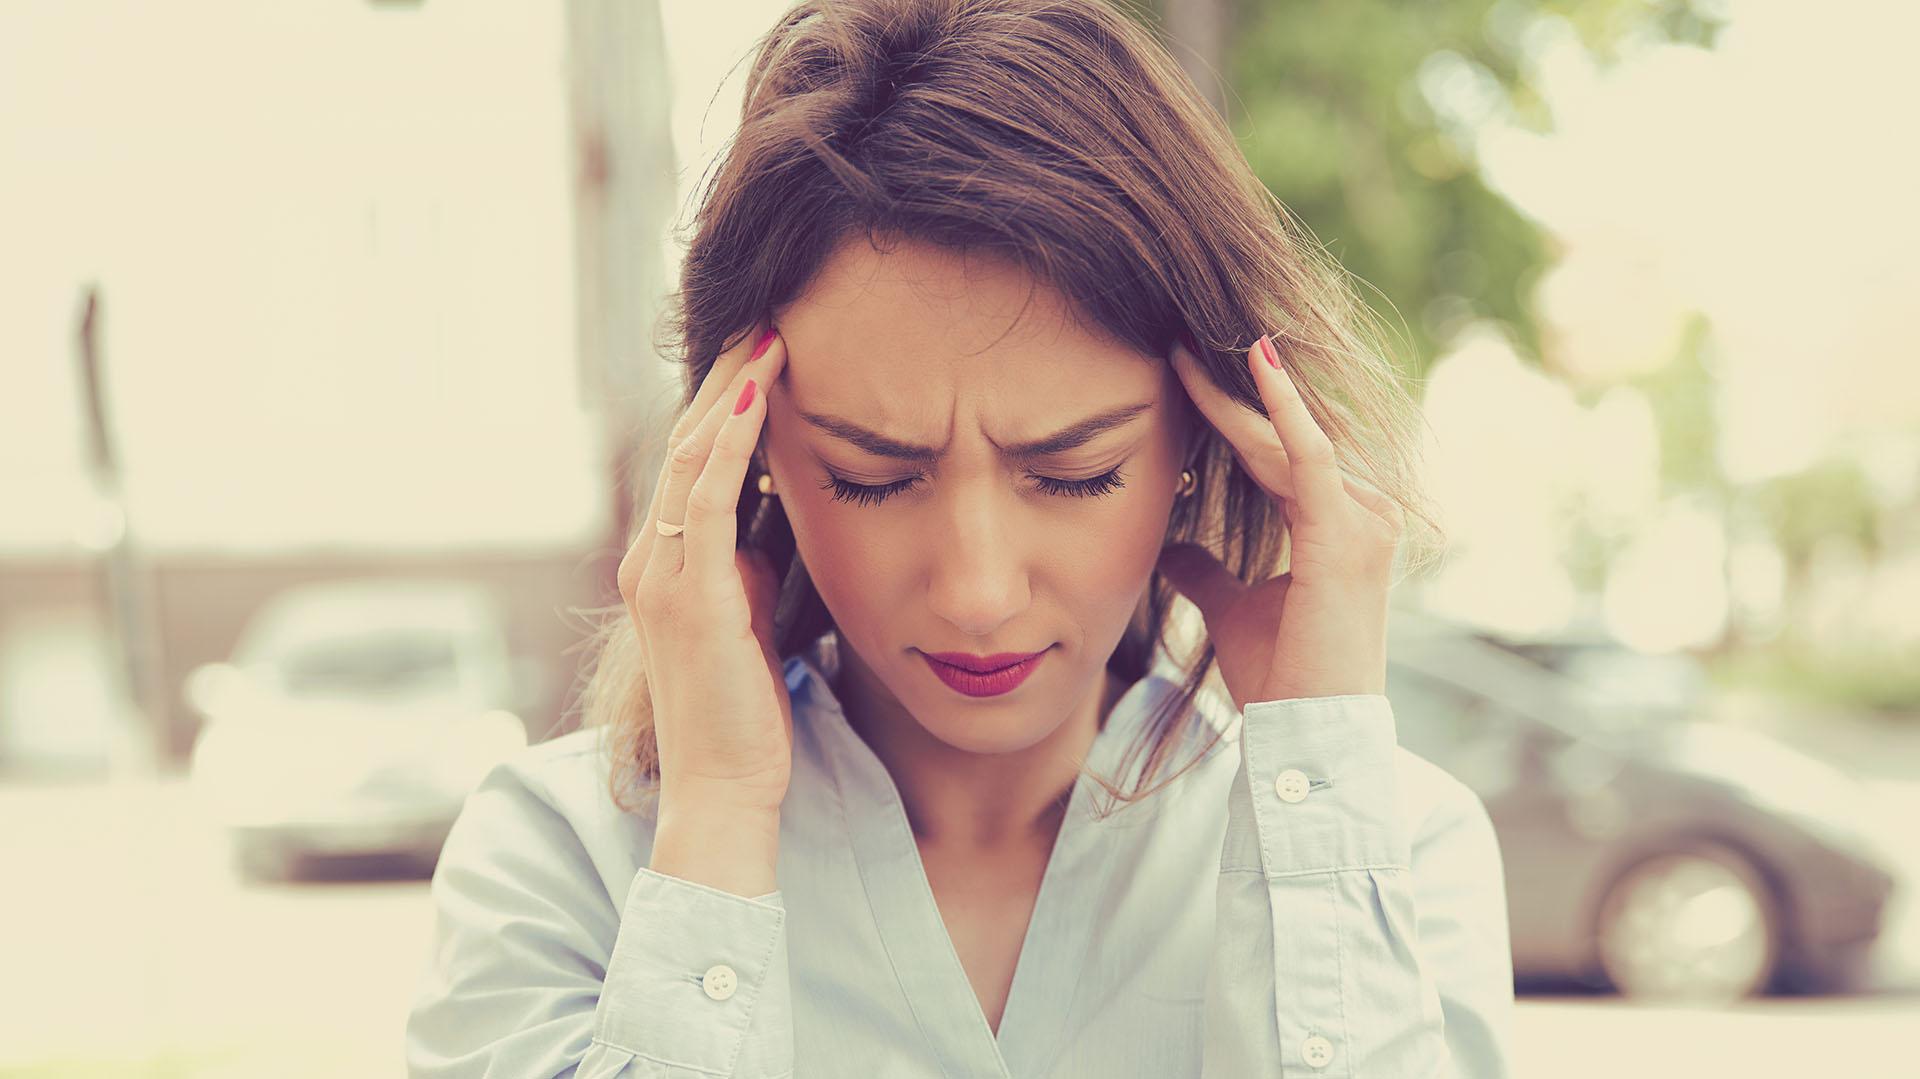 """""""No estamos diciendo que el ibuprofeno u otros medicamentos directamente no sirvan para la migraña, sino que hay que tener en cuenta que cada paciente necesita un diagnóstico y un tratamiento personalizado e indicado por un profesional de la salud"""", indico la doctora Goicochea.  (Getty)"""